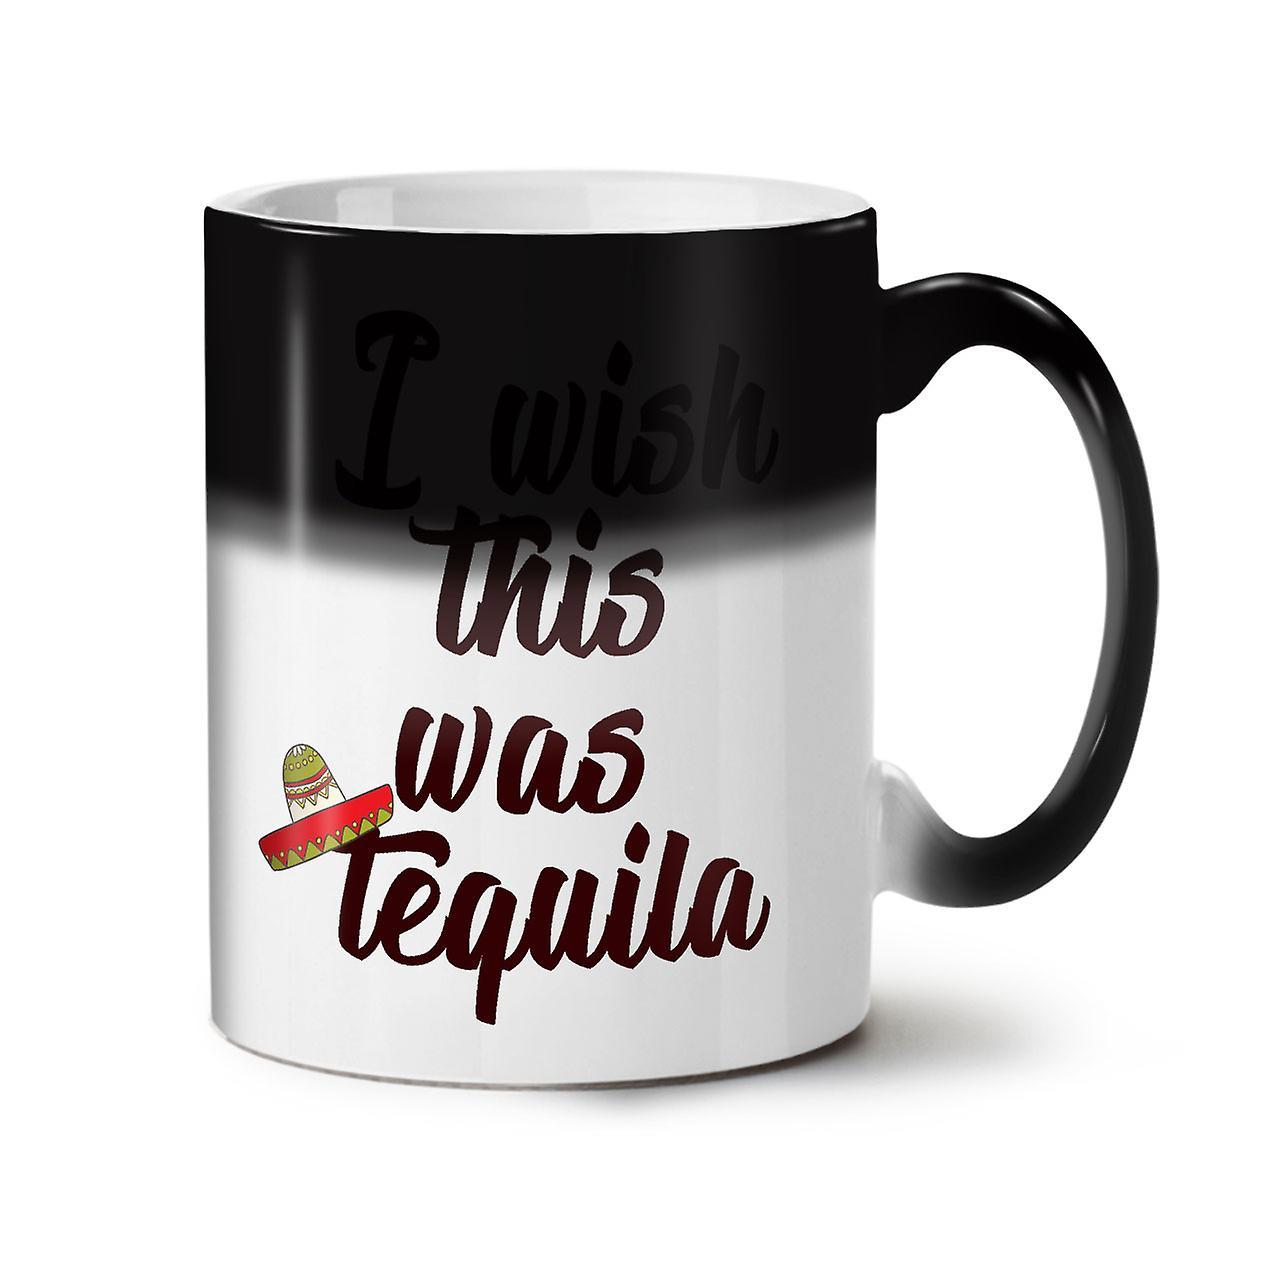 Ich wünschte, dies wurde Tequila neue schwarze Farbe wechselnden Tee Kaffee Keramik Becher 11 oz | Wellcoda